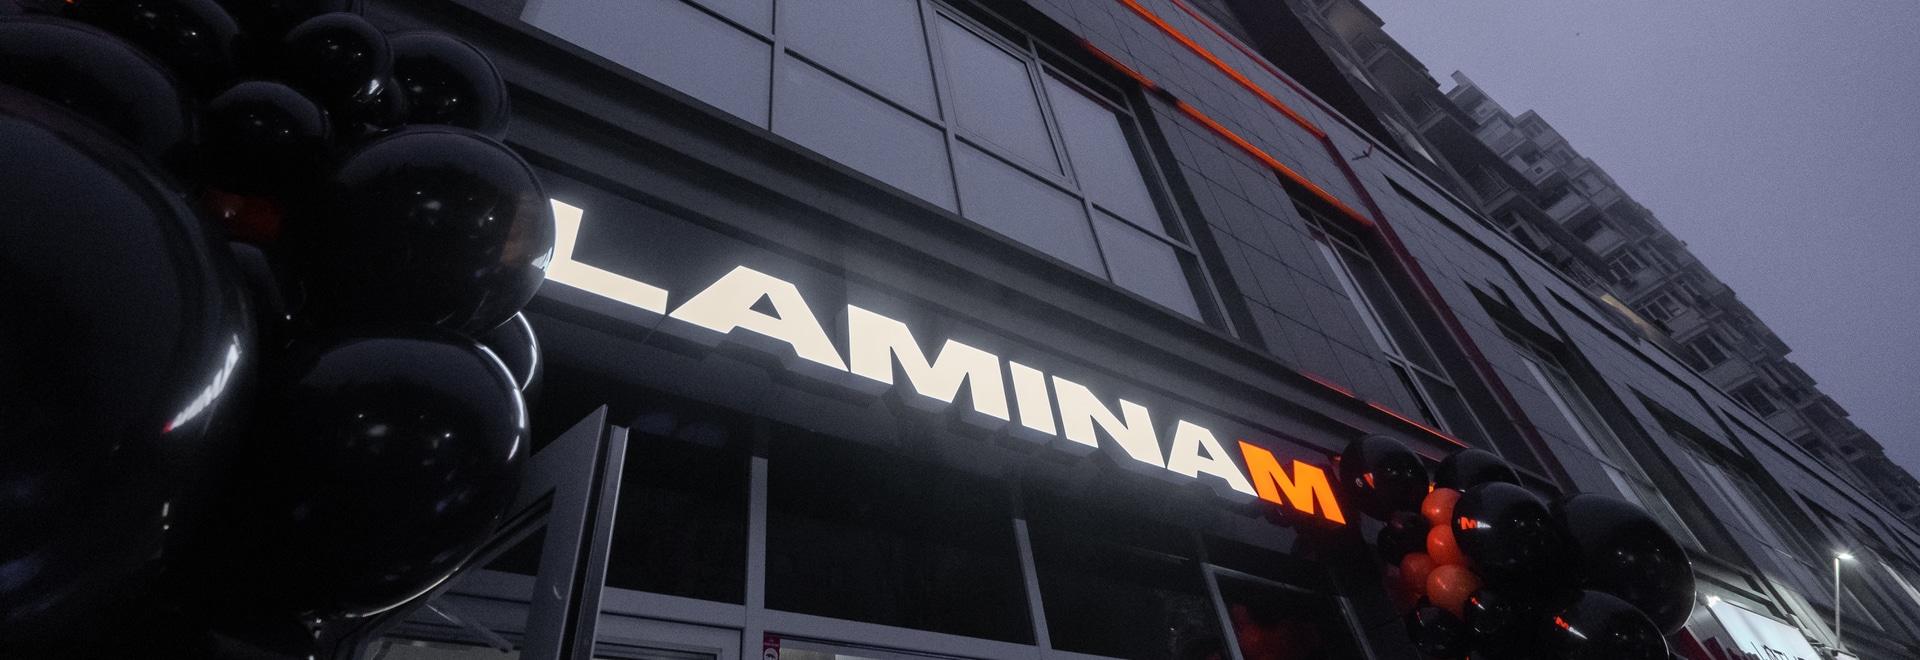 Laminam Showroom in Kiew